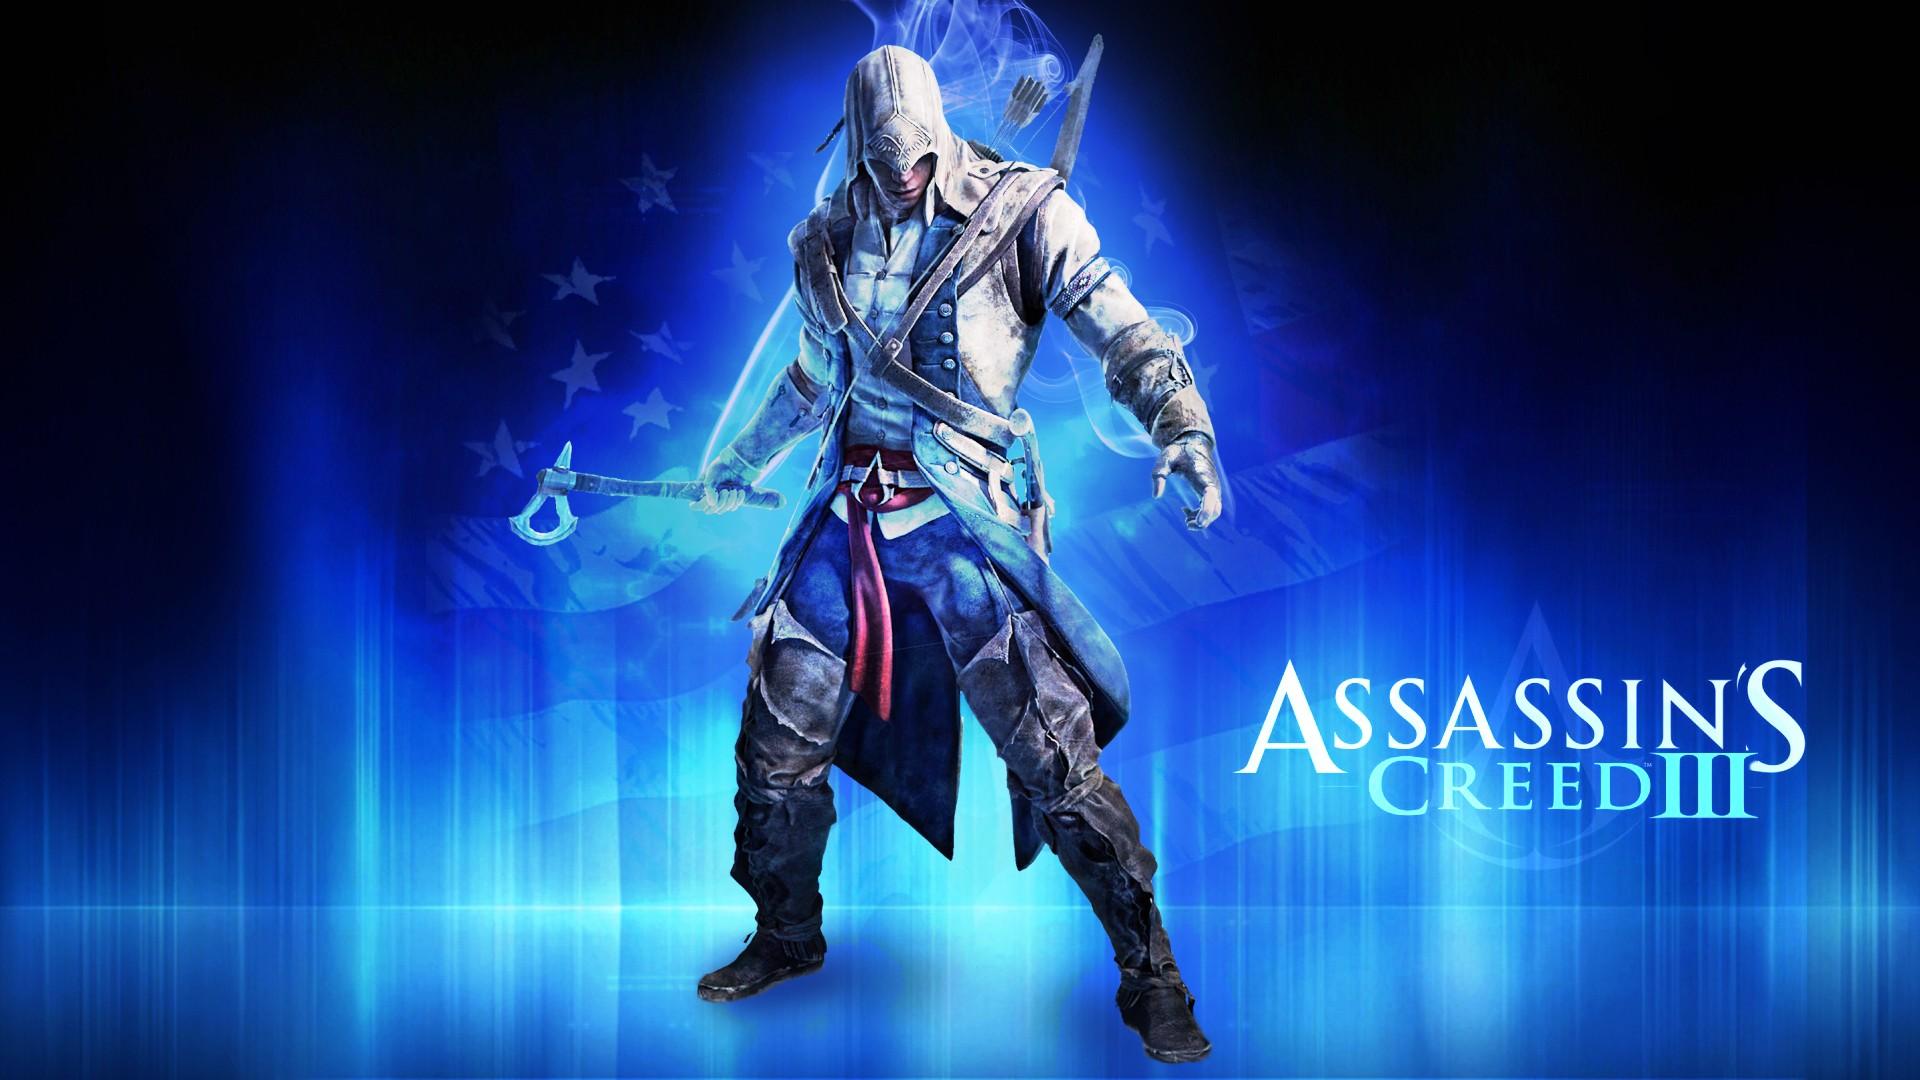 Assassins Creed 3 Wallpapers 6 HD Desktop Wallpapers 1920x1080